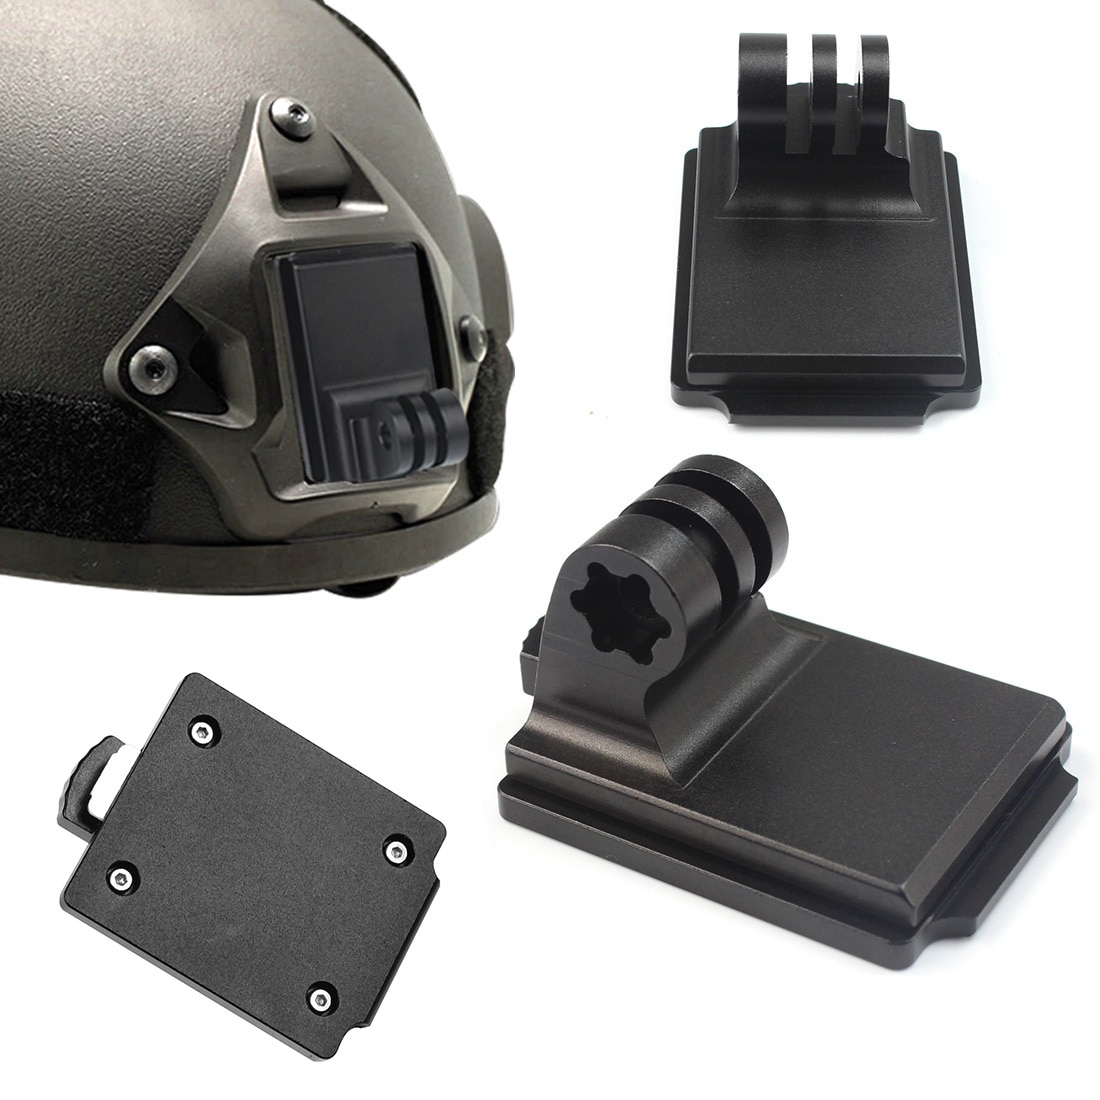 Aluminum Helmet Fixed Mount NVG Base Holder Adapter for GOPRO Hero 7 4 5 6 Session yi Sjcam EKEN Action Video Sports Cameras